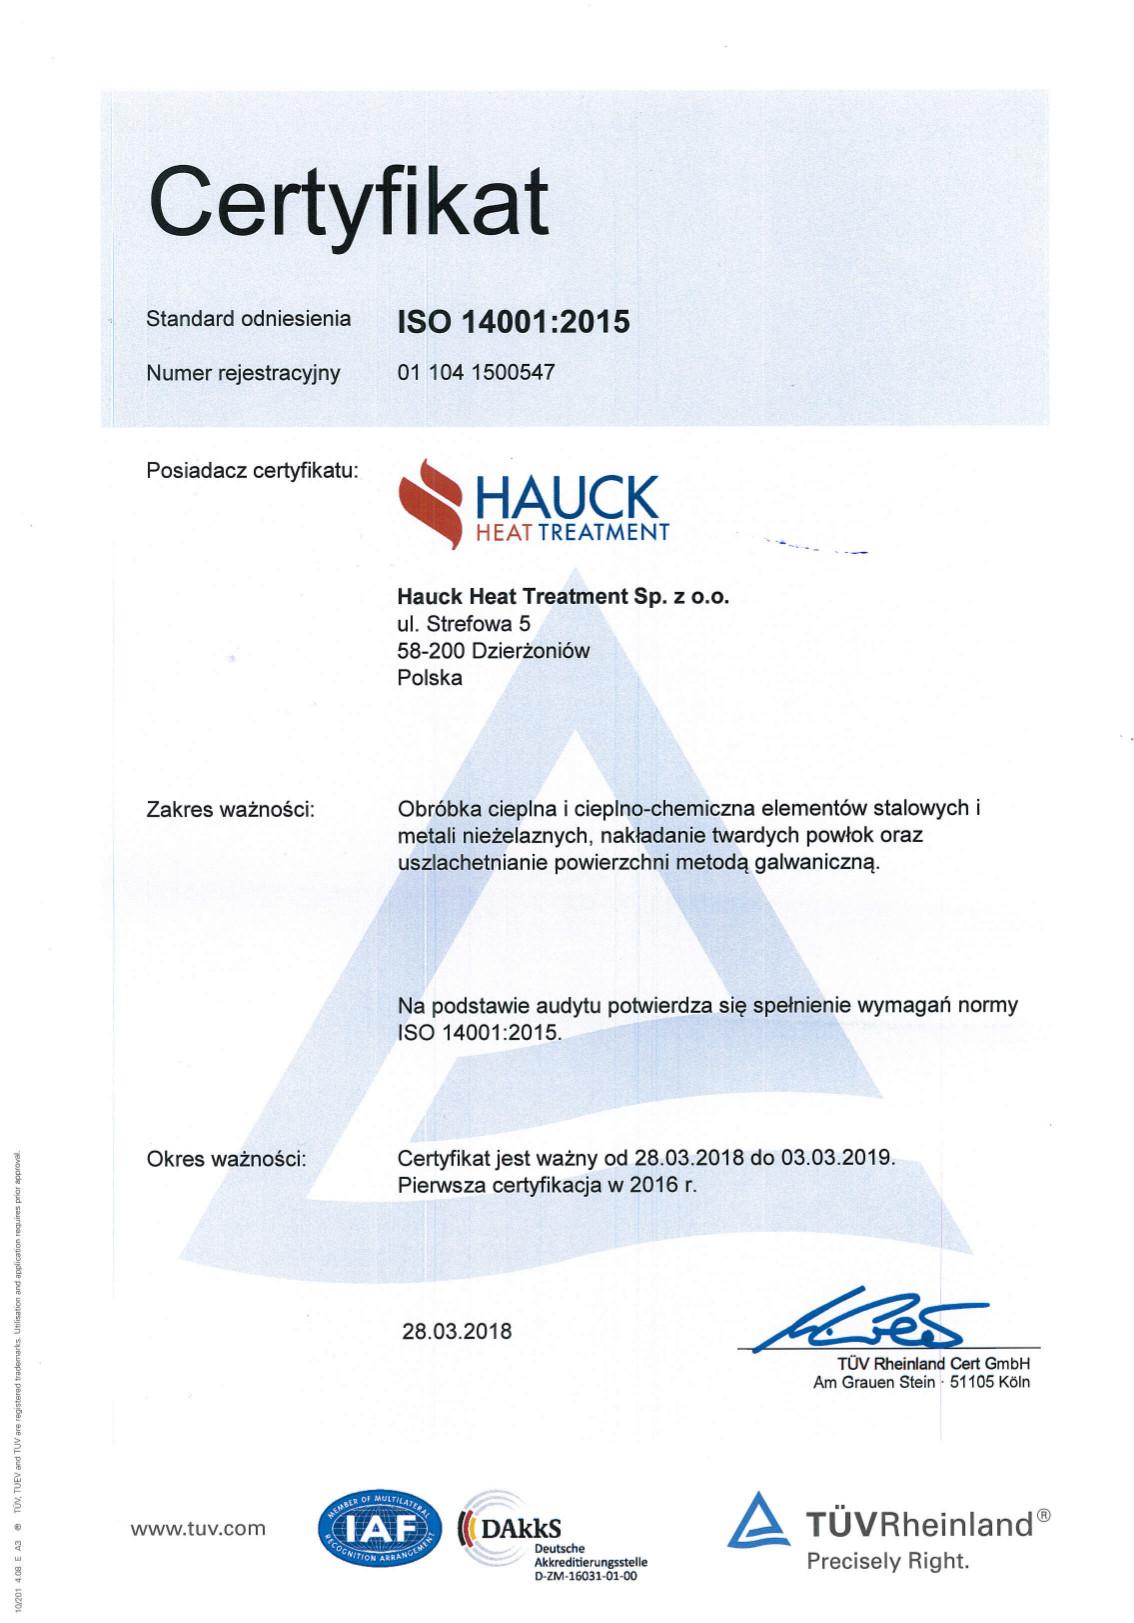 Certyfikat ISO 14001:2004 HAUCK HEAT TREATMENT SP.Z.O.O.